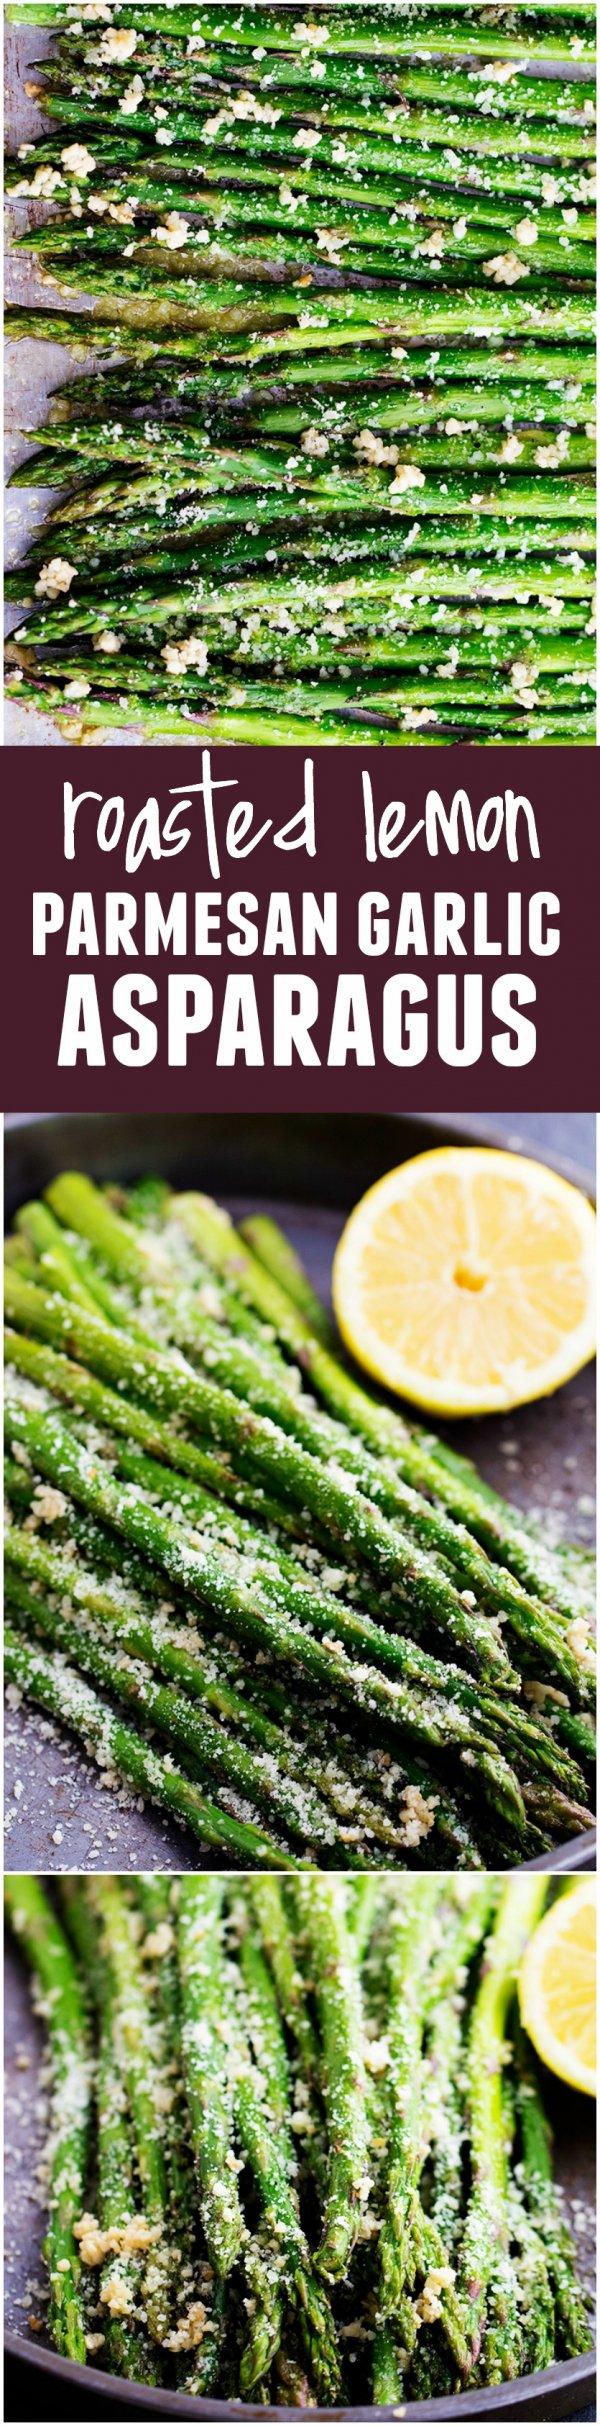 Roasted Lemon Parmesan Garlic Asparagus